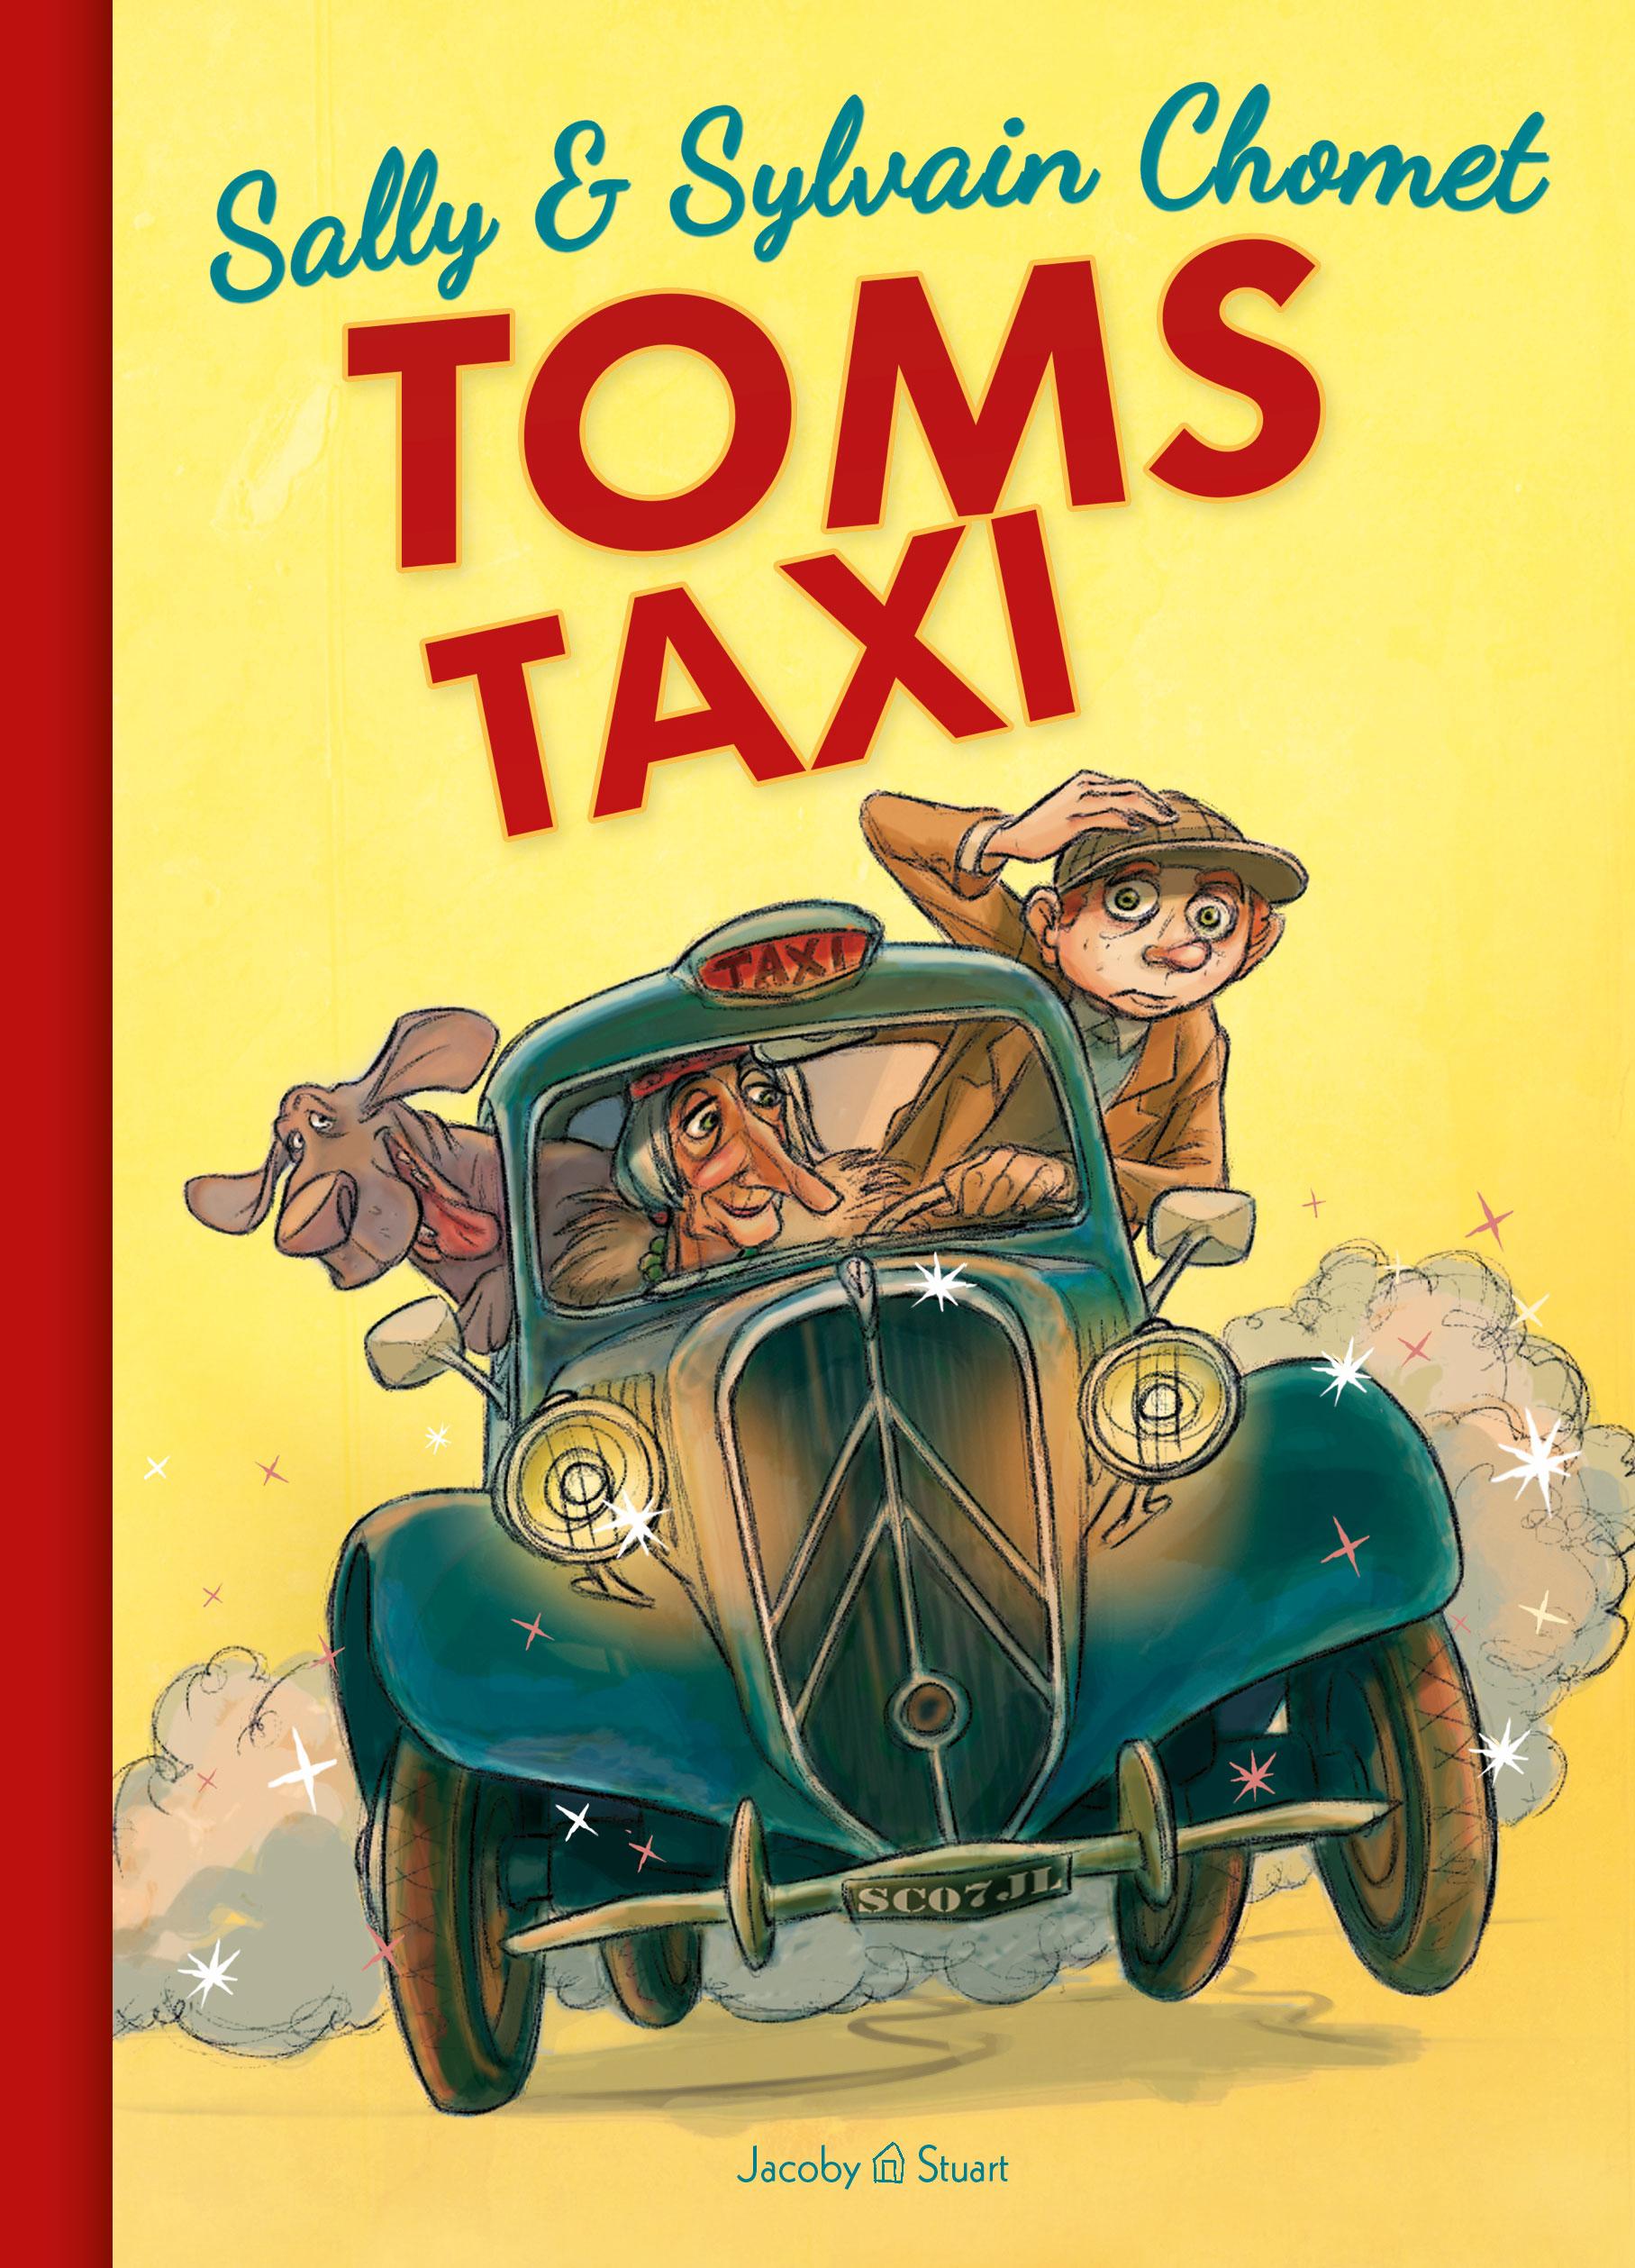 NEU-Toms-Taxi-Sally-Chomet-593232